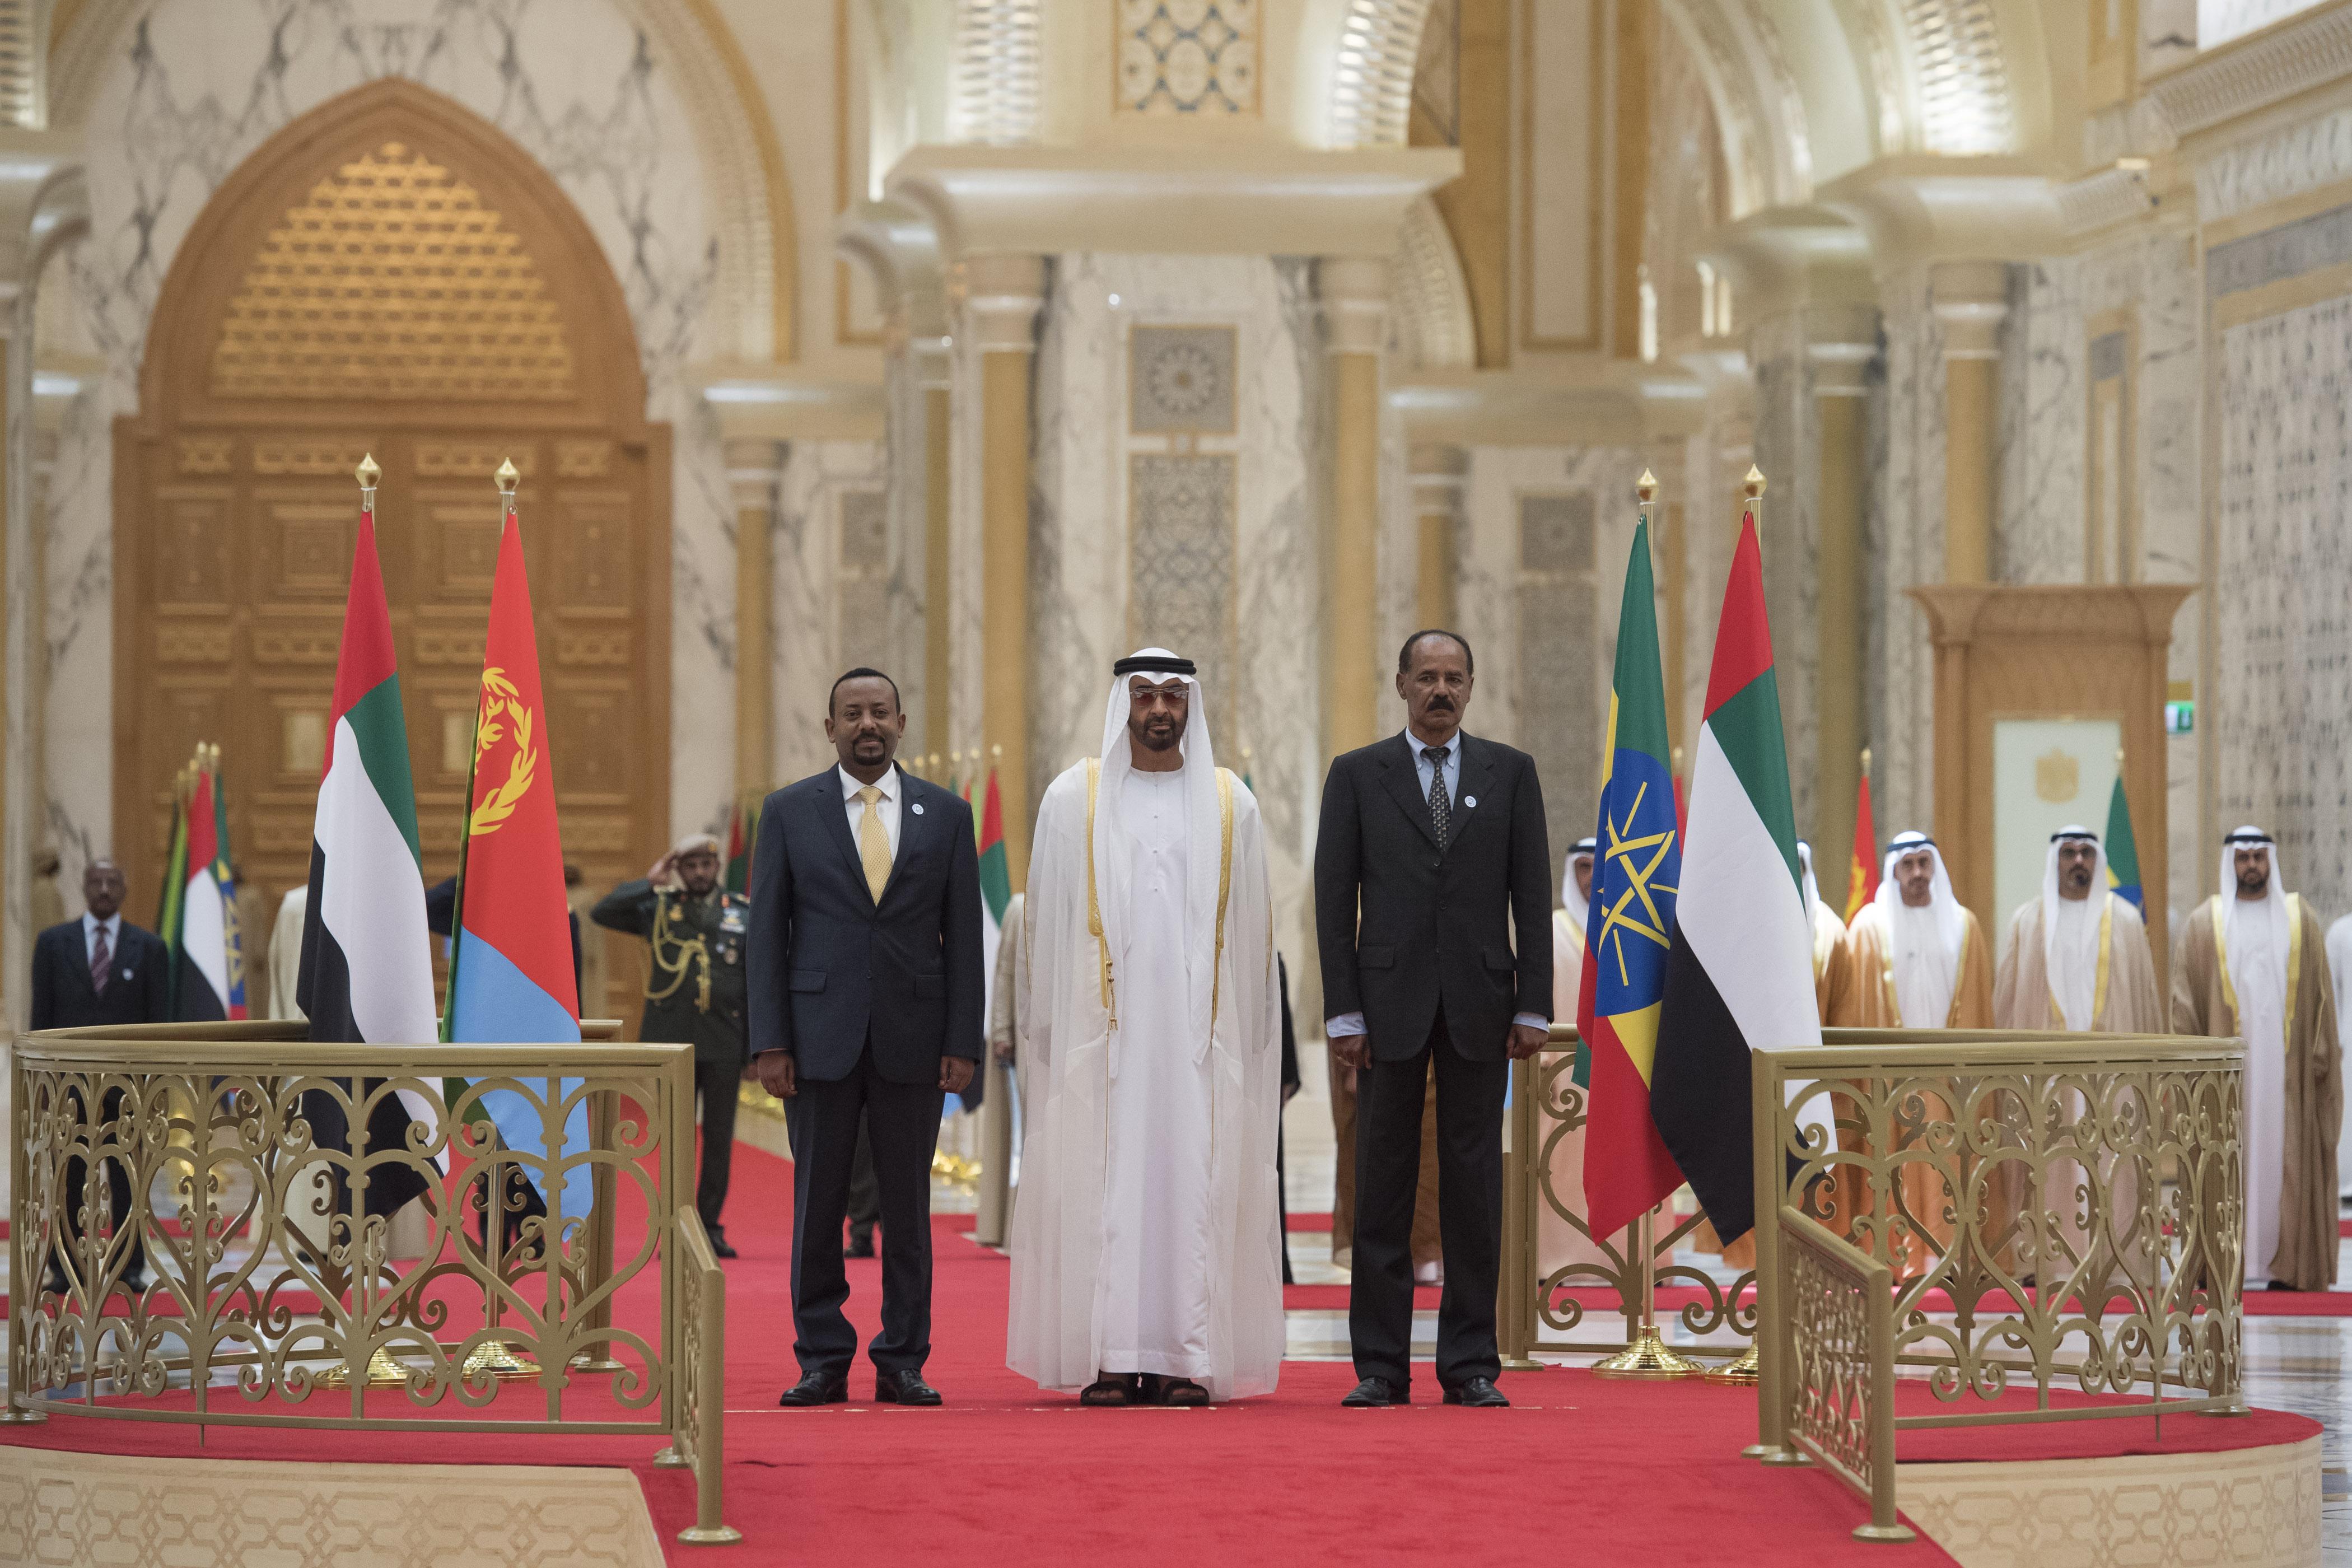 """رئيس الدولة يمنح رئيس إريتريا ورئيس وزراء أثيوبيا """" وسام زايد """" تقديراً لجهودهما في إطلاق مسيرة السلام بين بلديهما 5"""